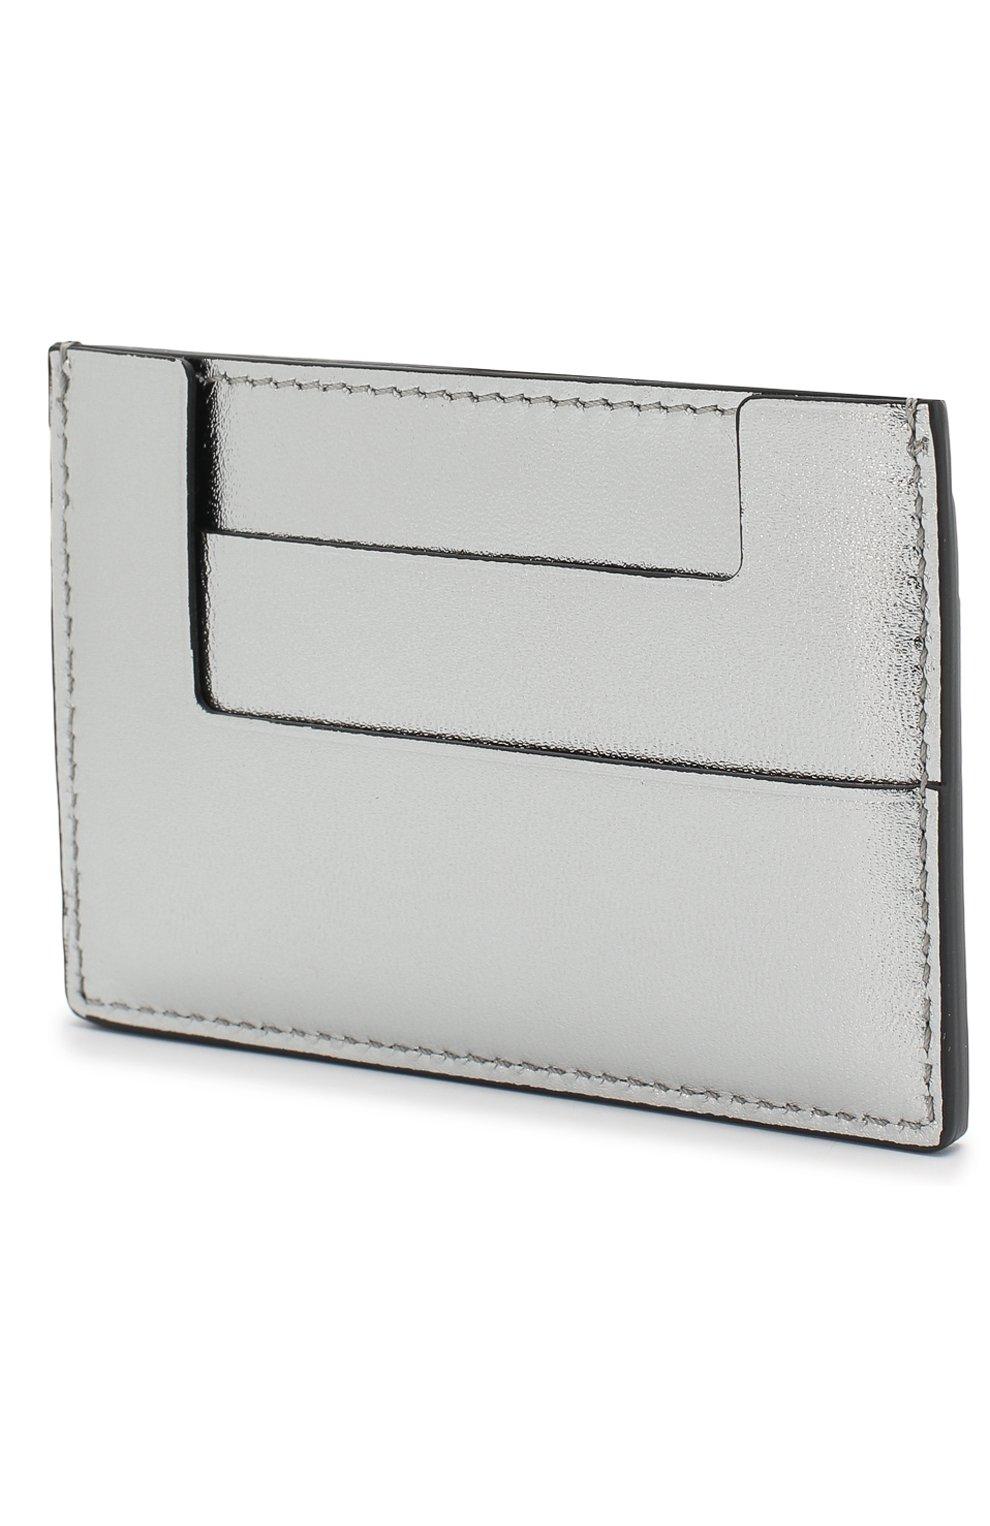 Кожаный футляр для кредитных карт Tom Ford серебряного цвета   Фото №2